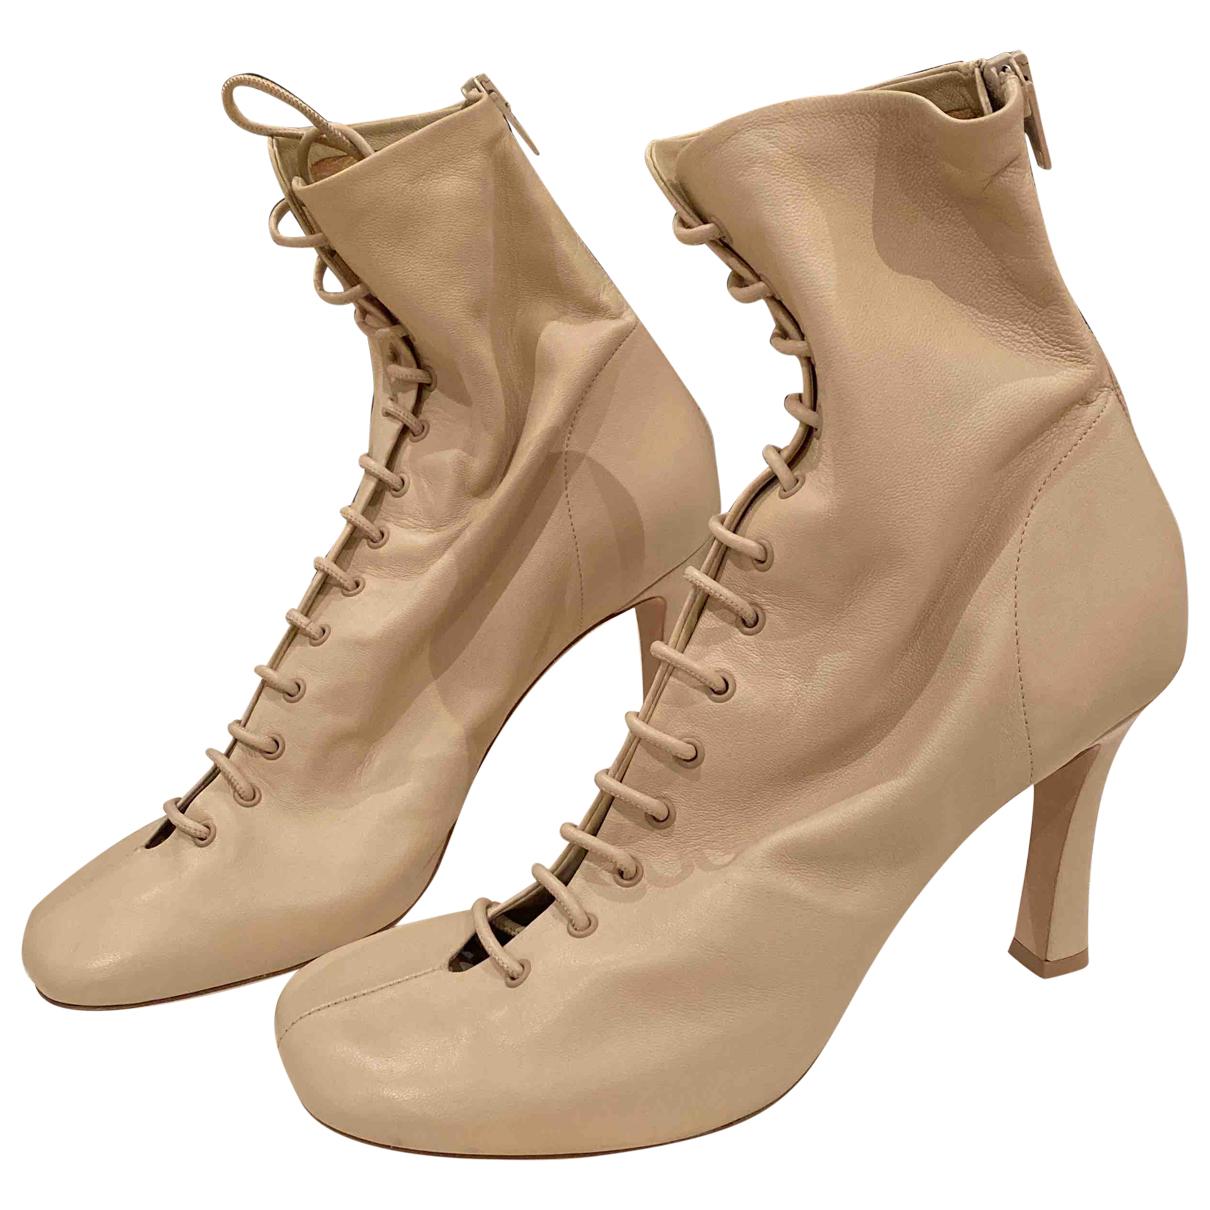 Celine - Bottes   pour femme en cuir - beige